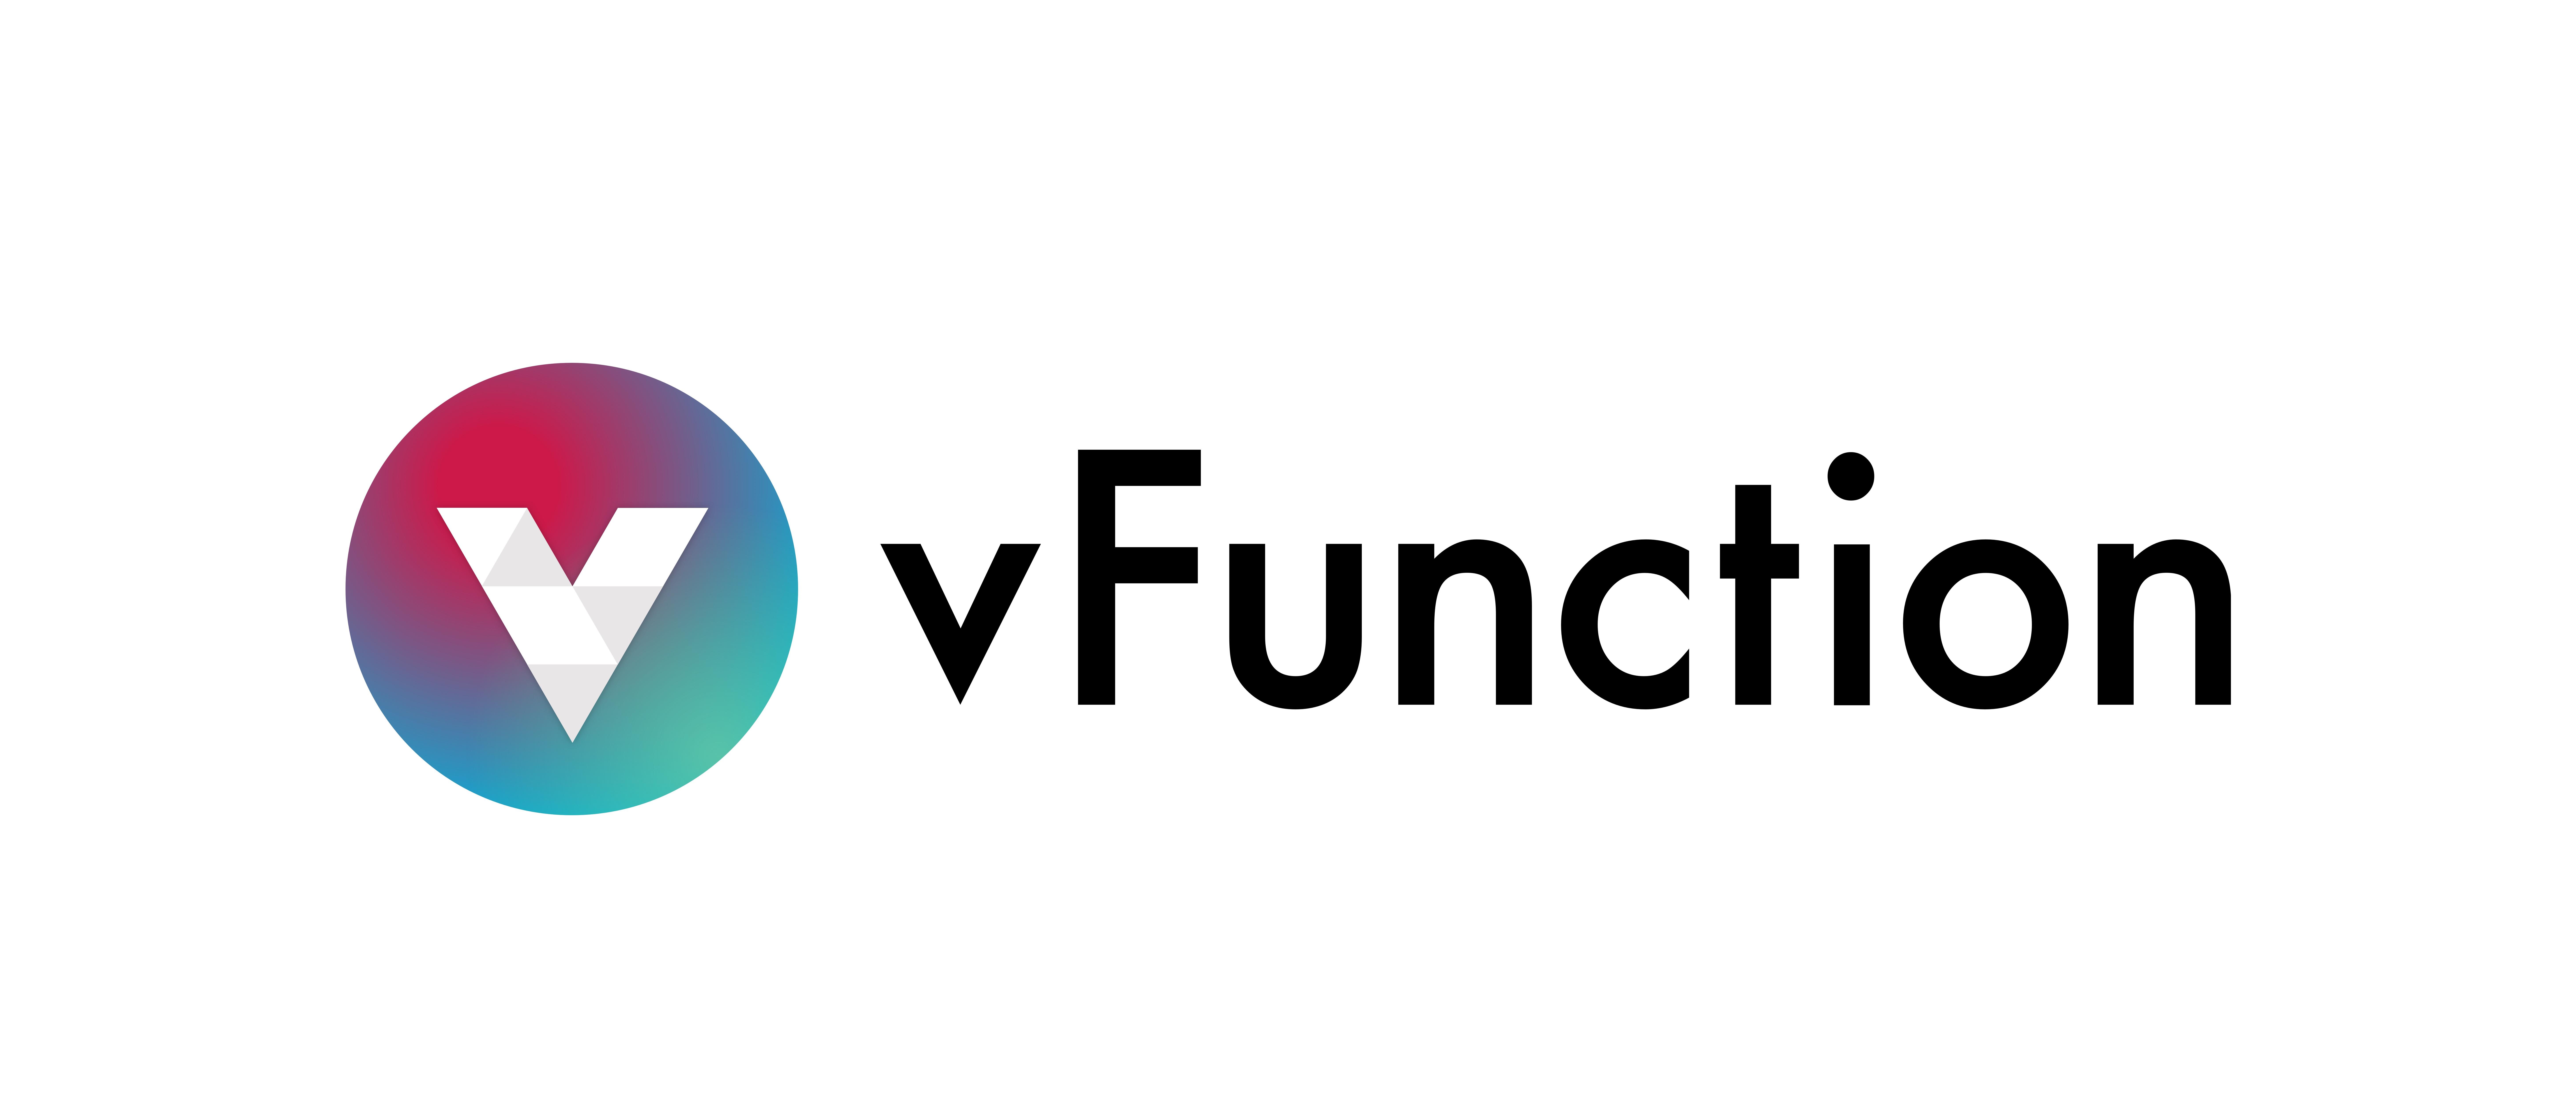 Java modernization - vai al sito ufficiale